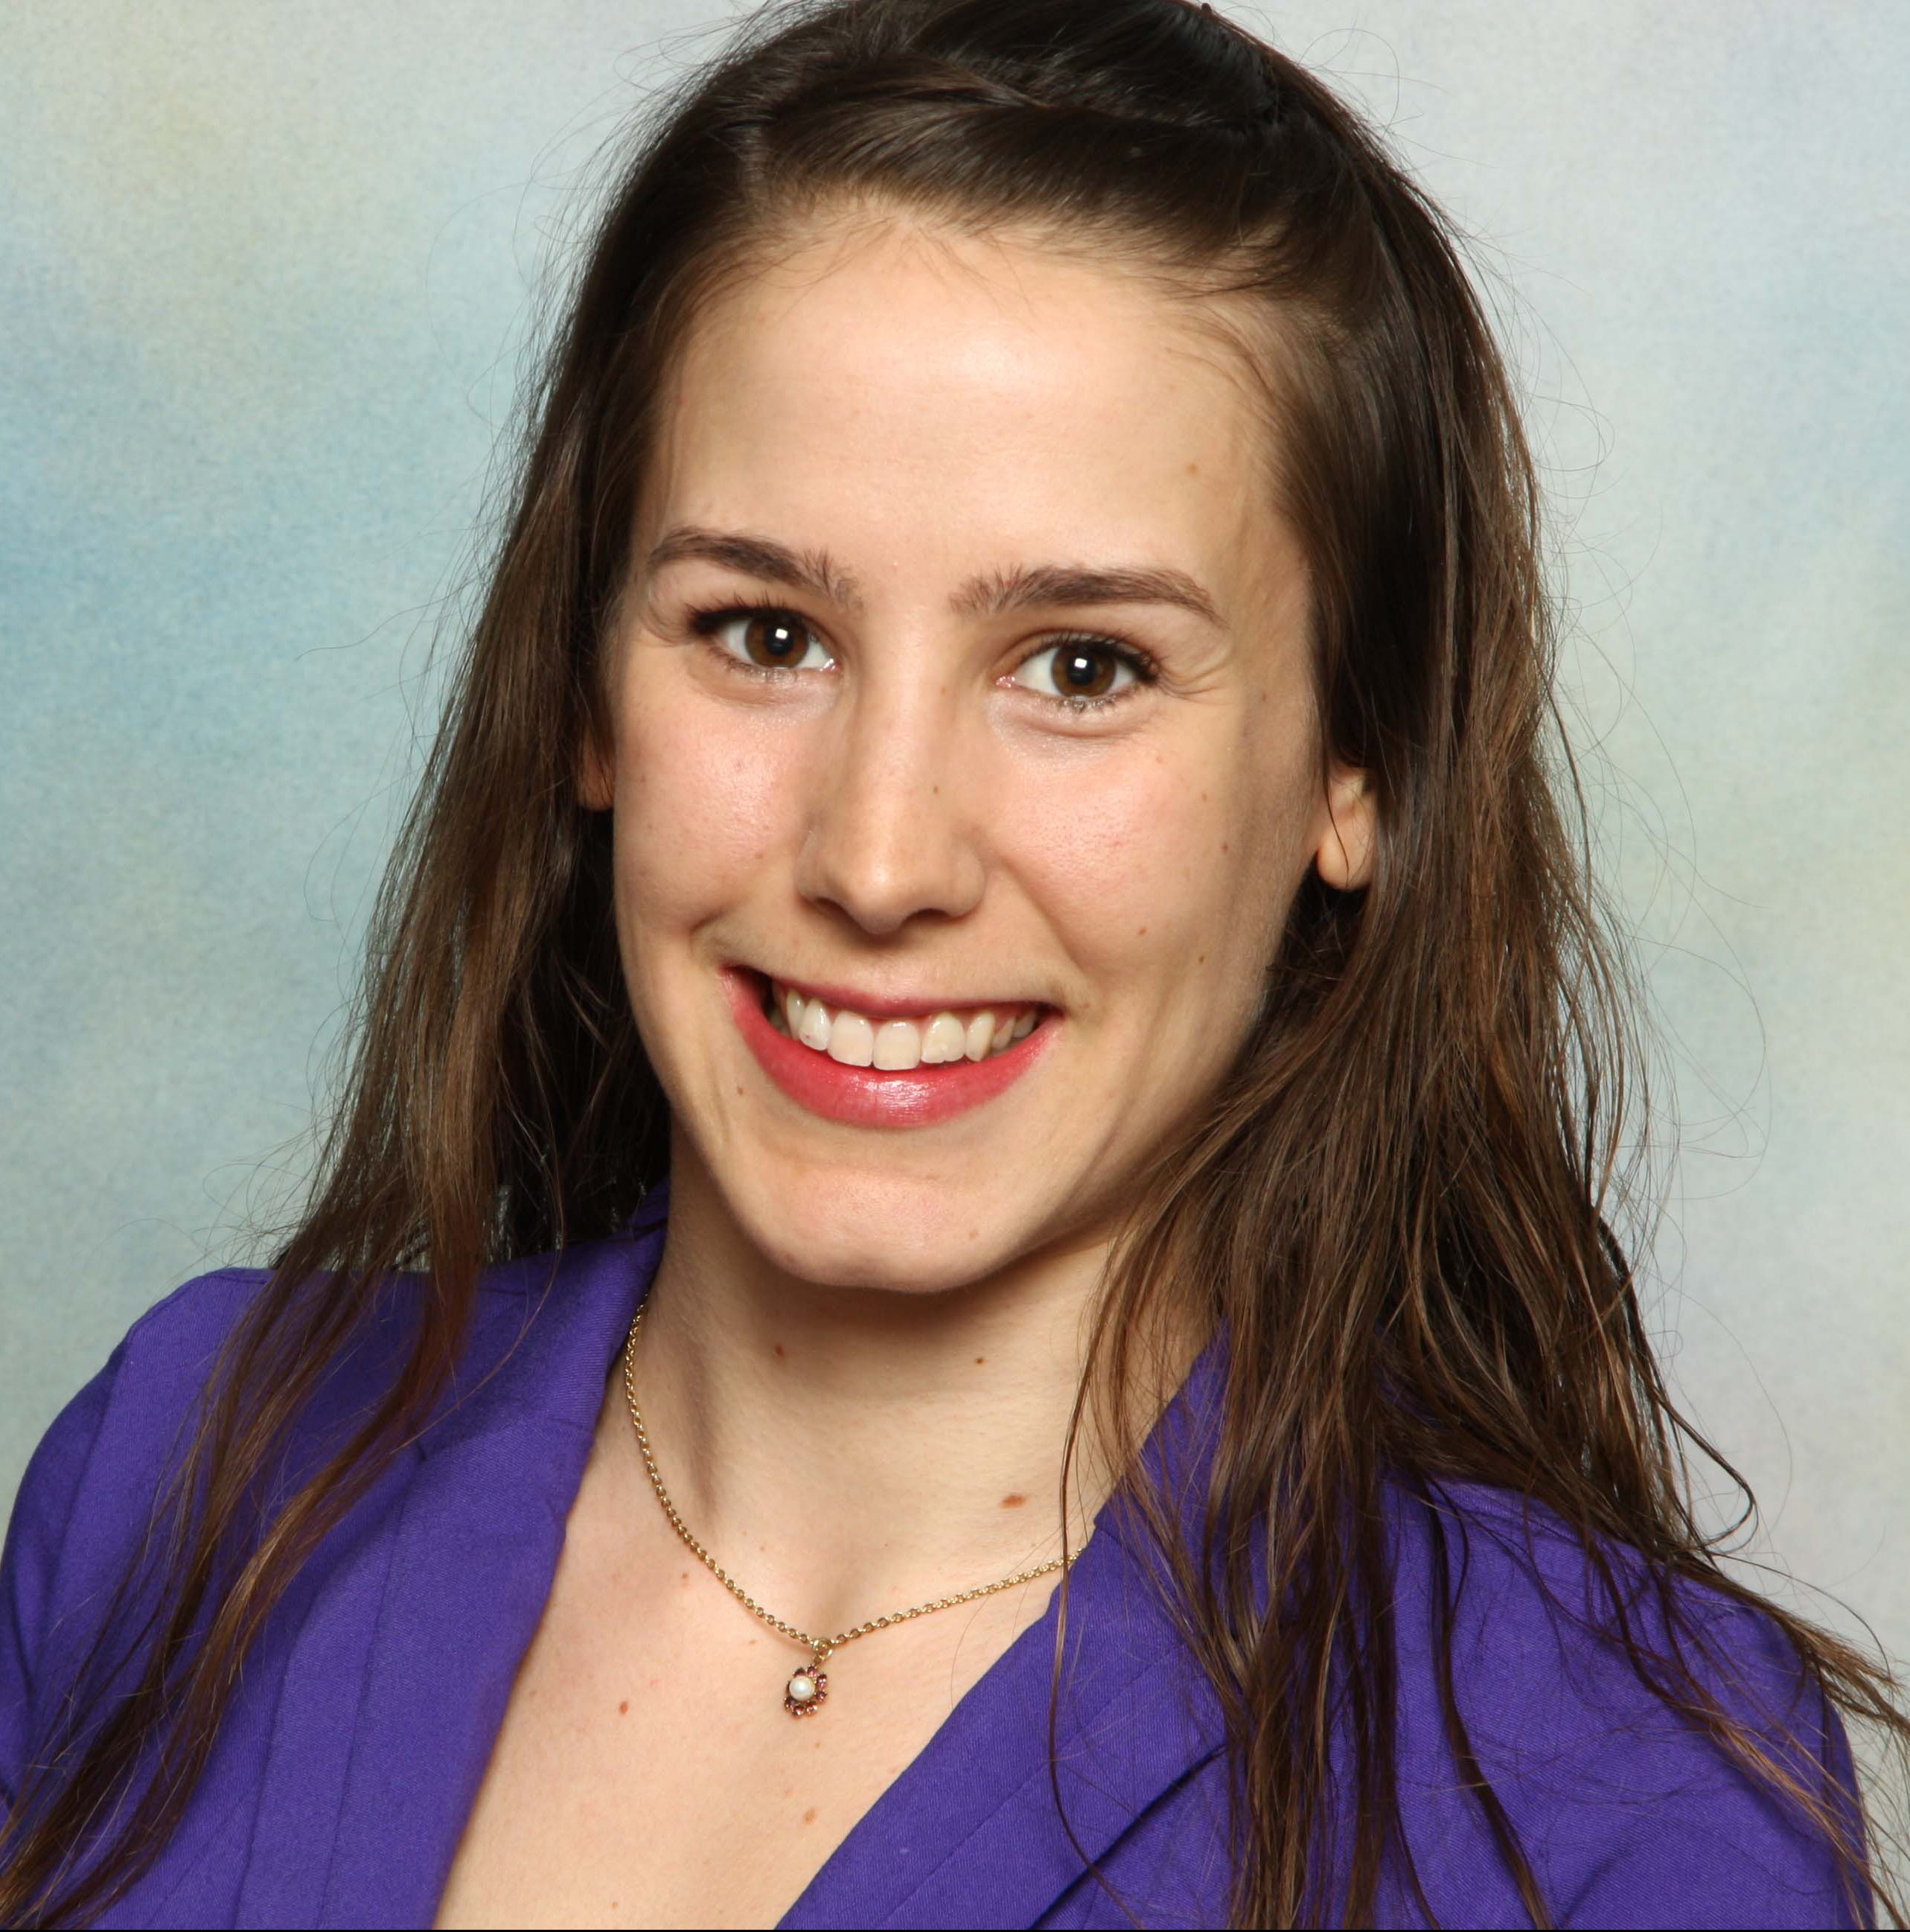 Rachelle Carrier